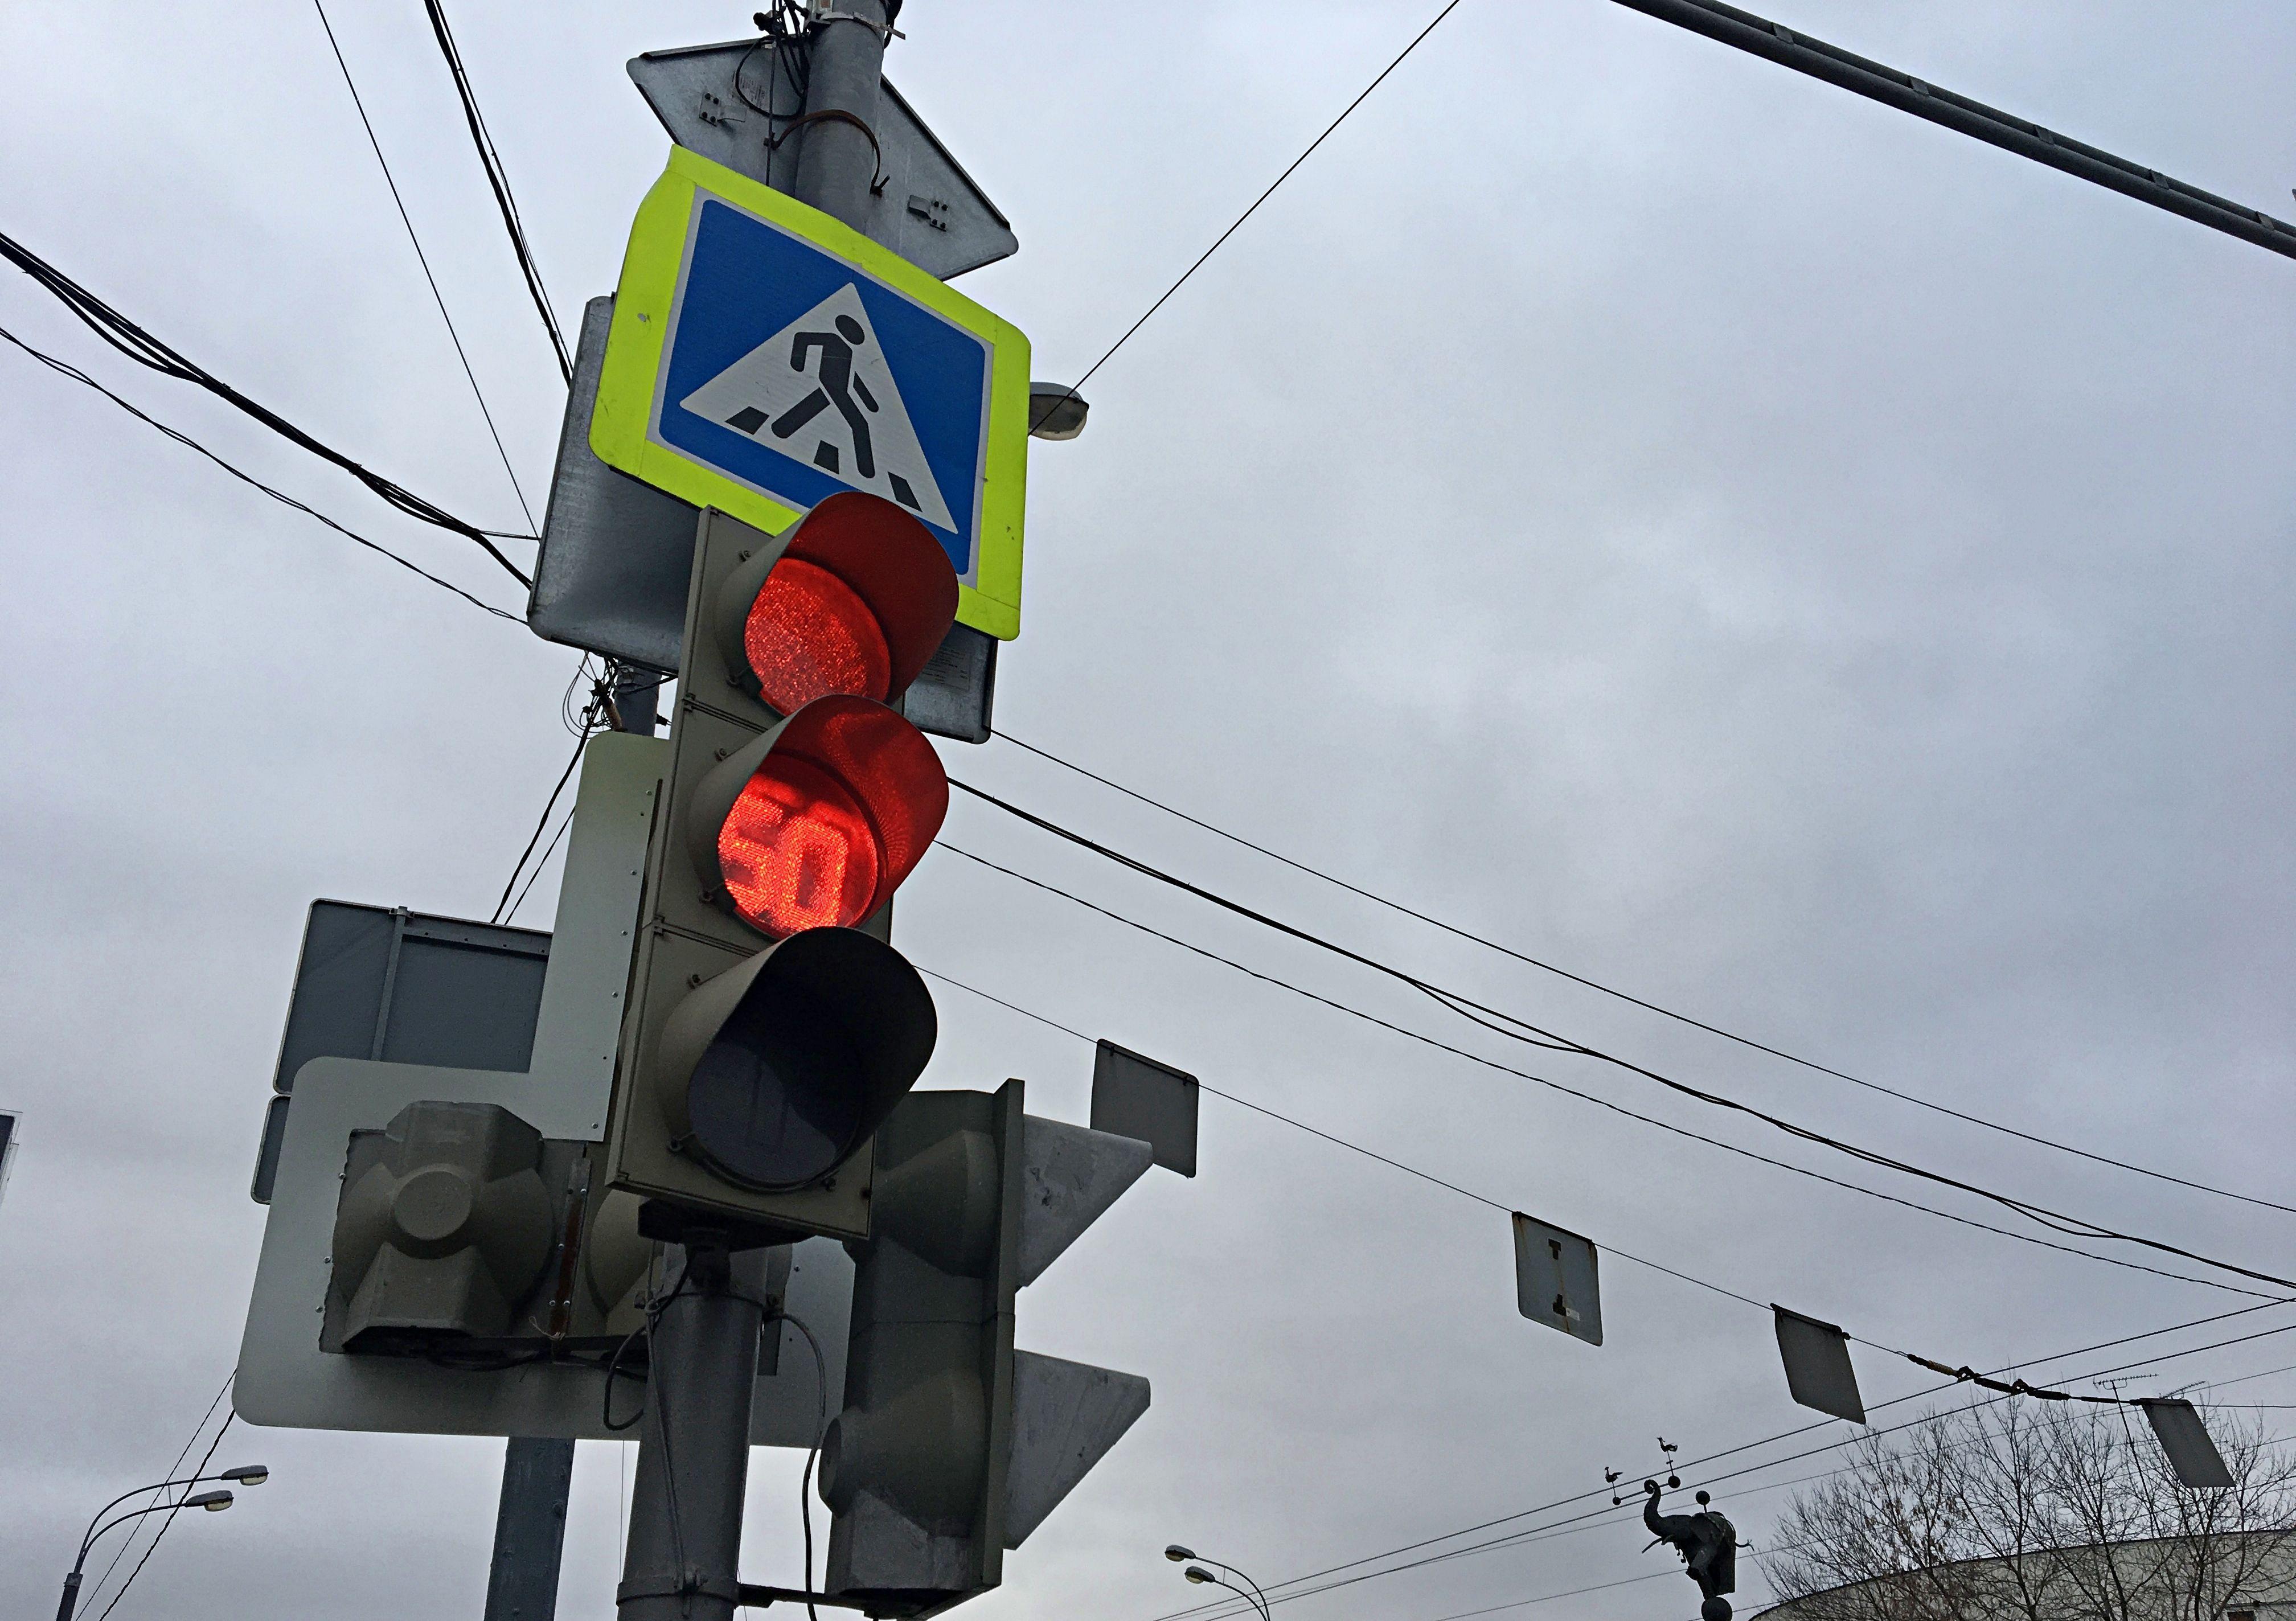 Жителям Новой Москвы расскажут о правилах безопасности на дорогах